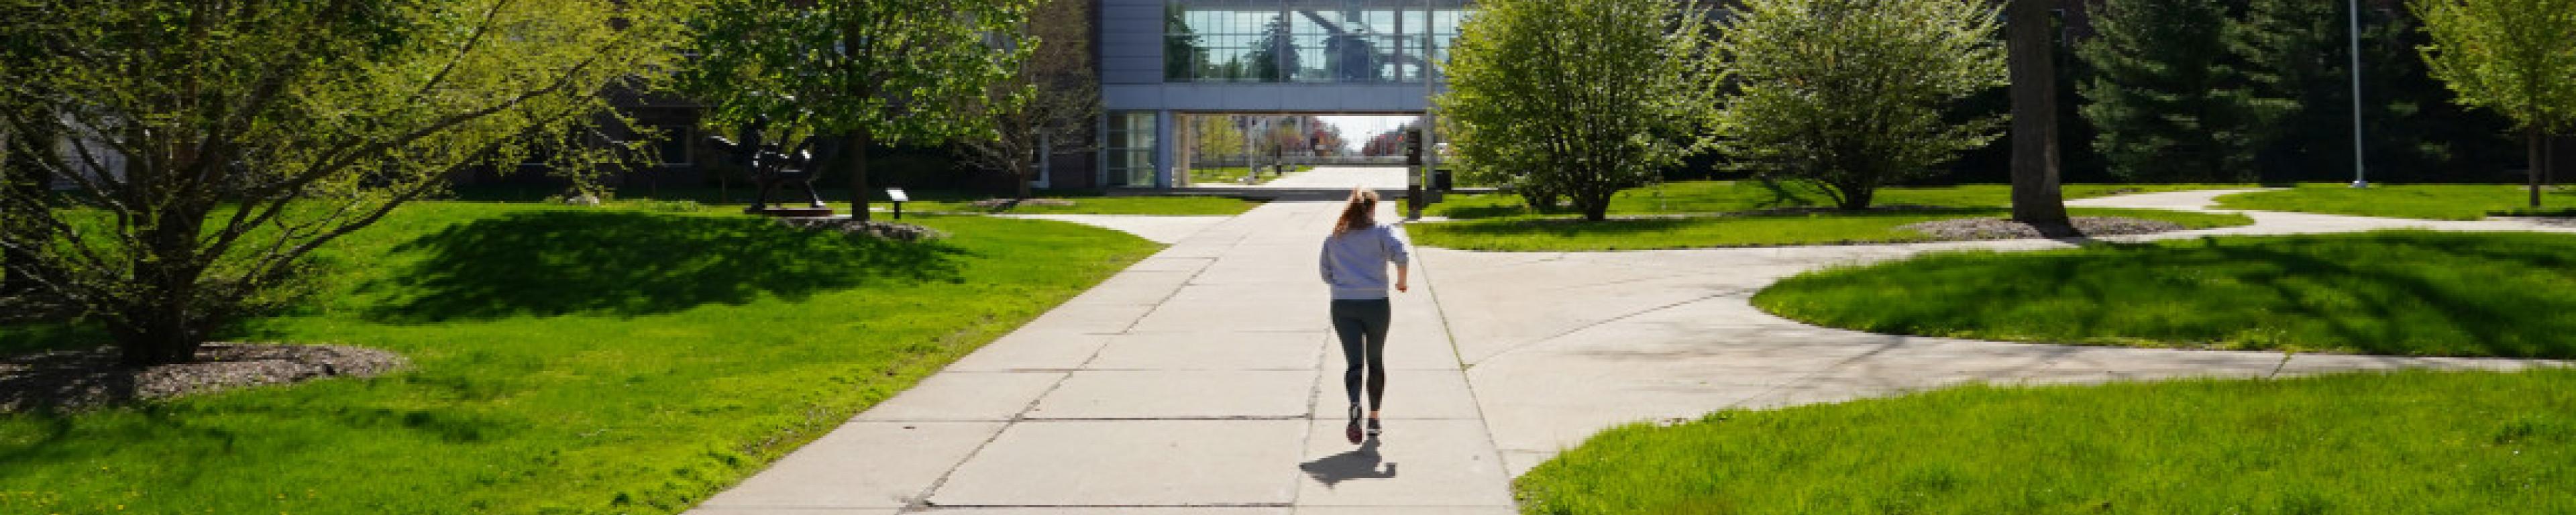 A student runs through campus.